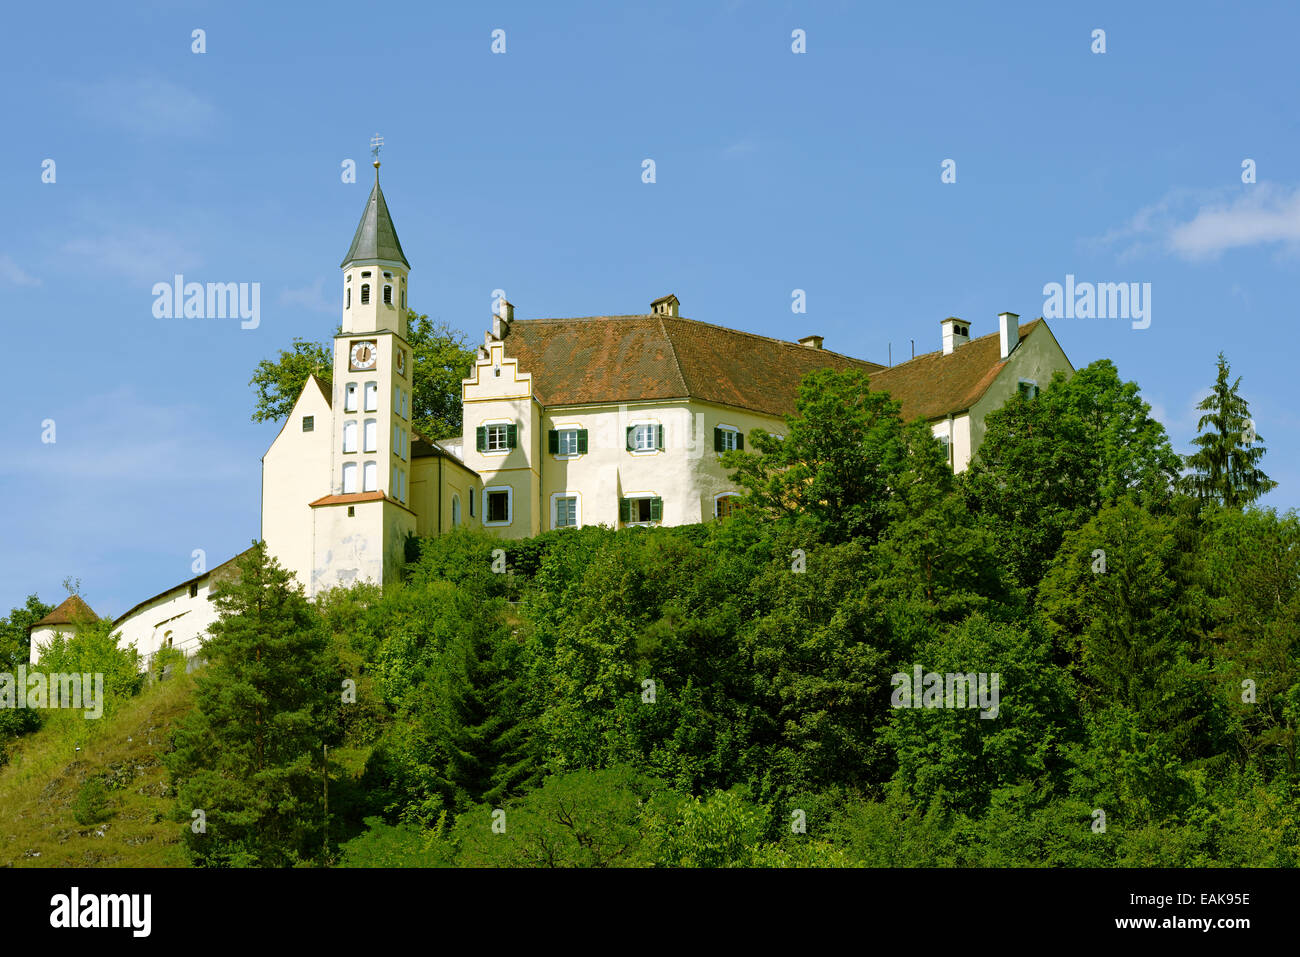 Weihnachtsmarkt Hexenagger.Schloss Hexenagger Castle Altmannstein Upper Bavaria Bavaria